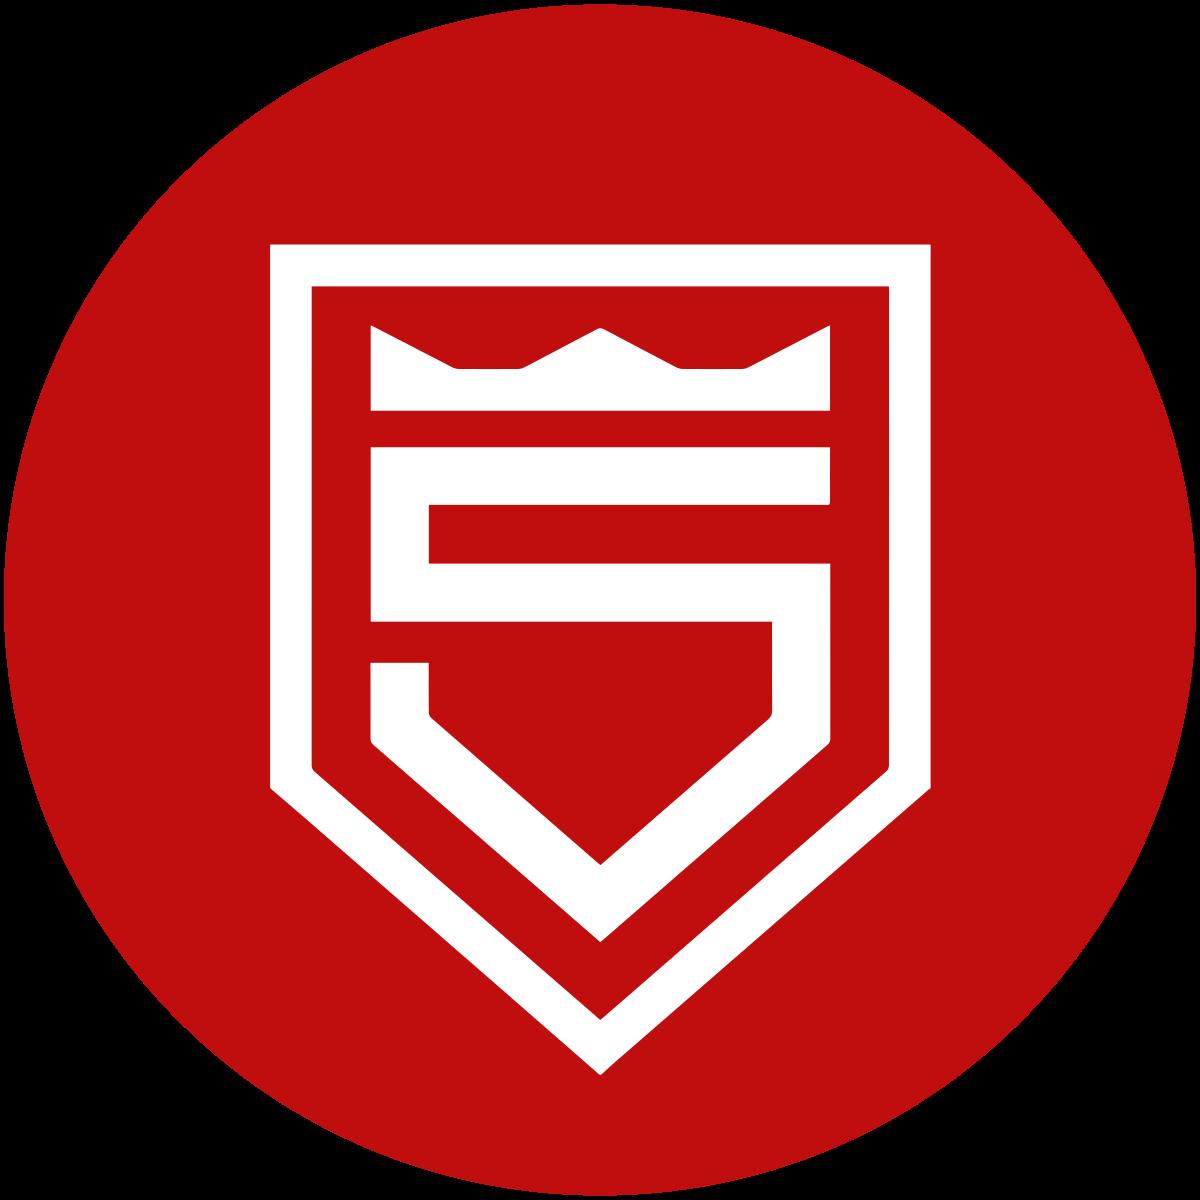 Logo_Sportfreunde_Siegen.svg.png